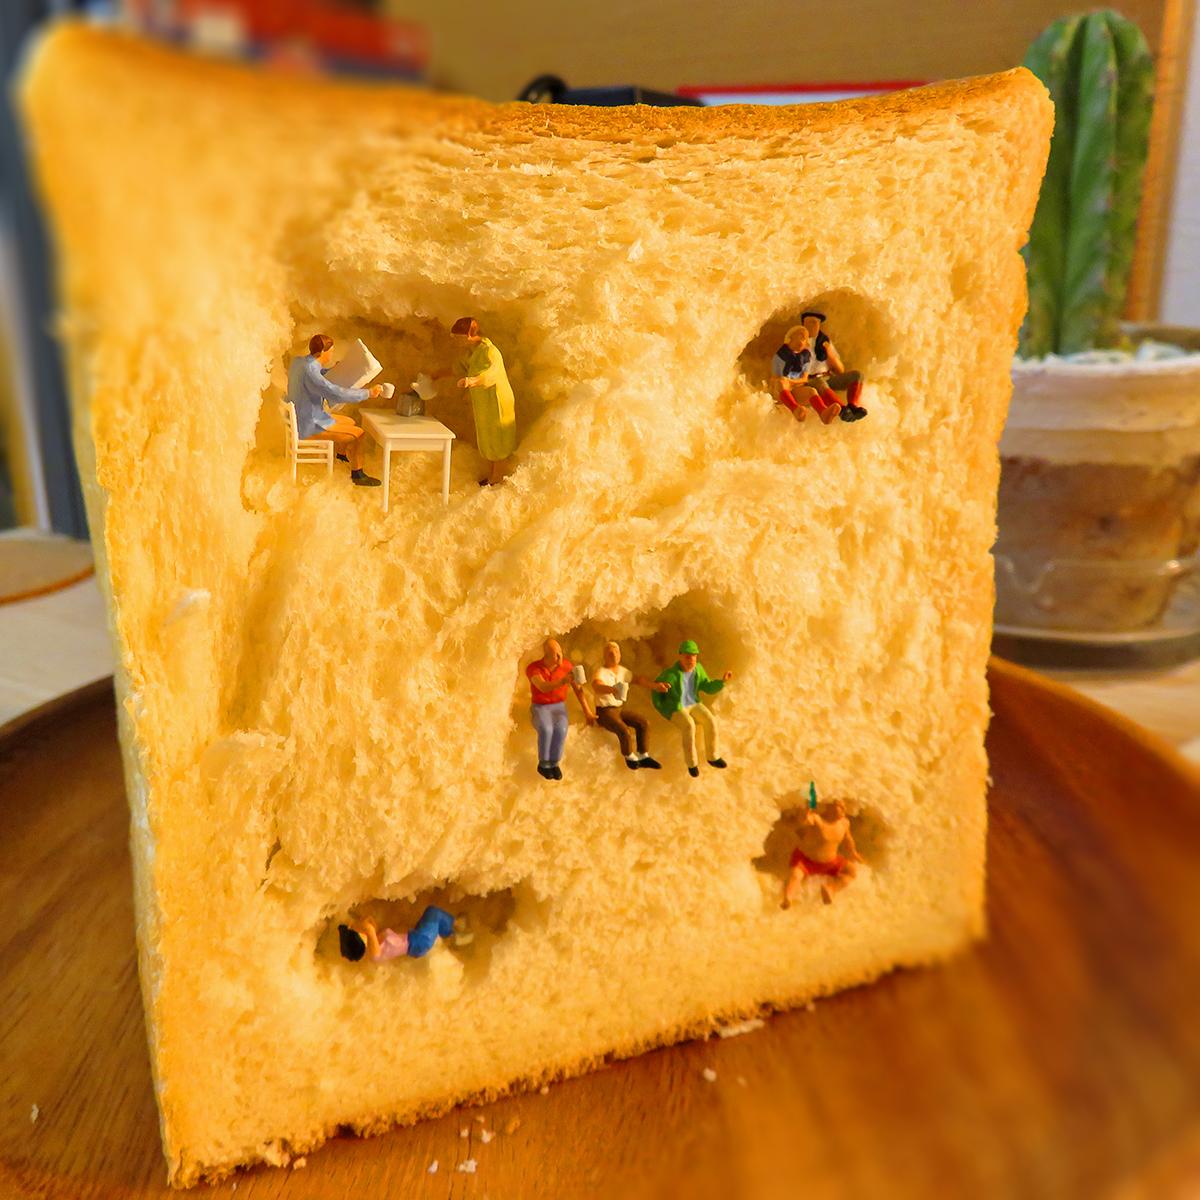 食パンを切ったら小さな住人達が暮らしていた!